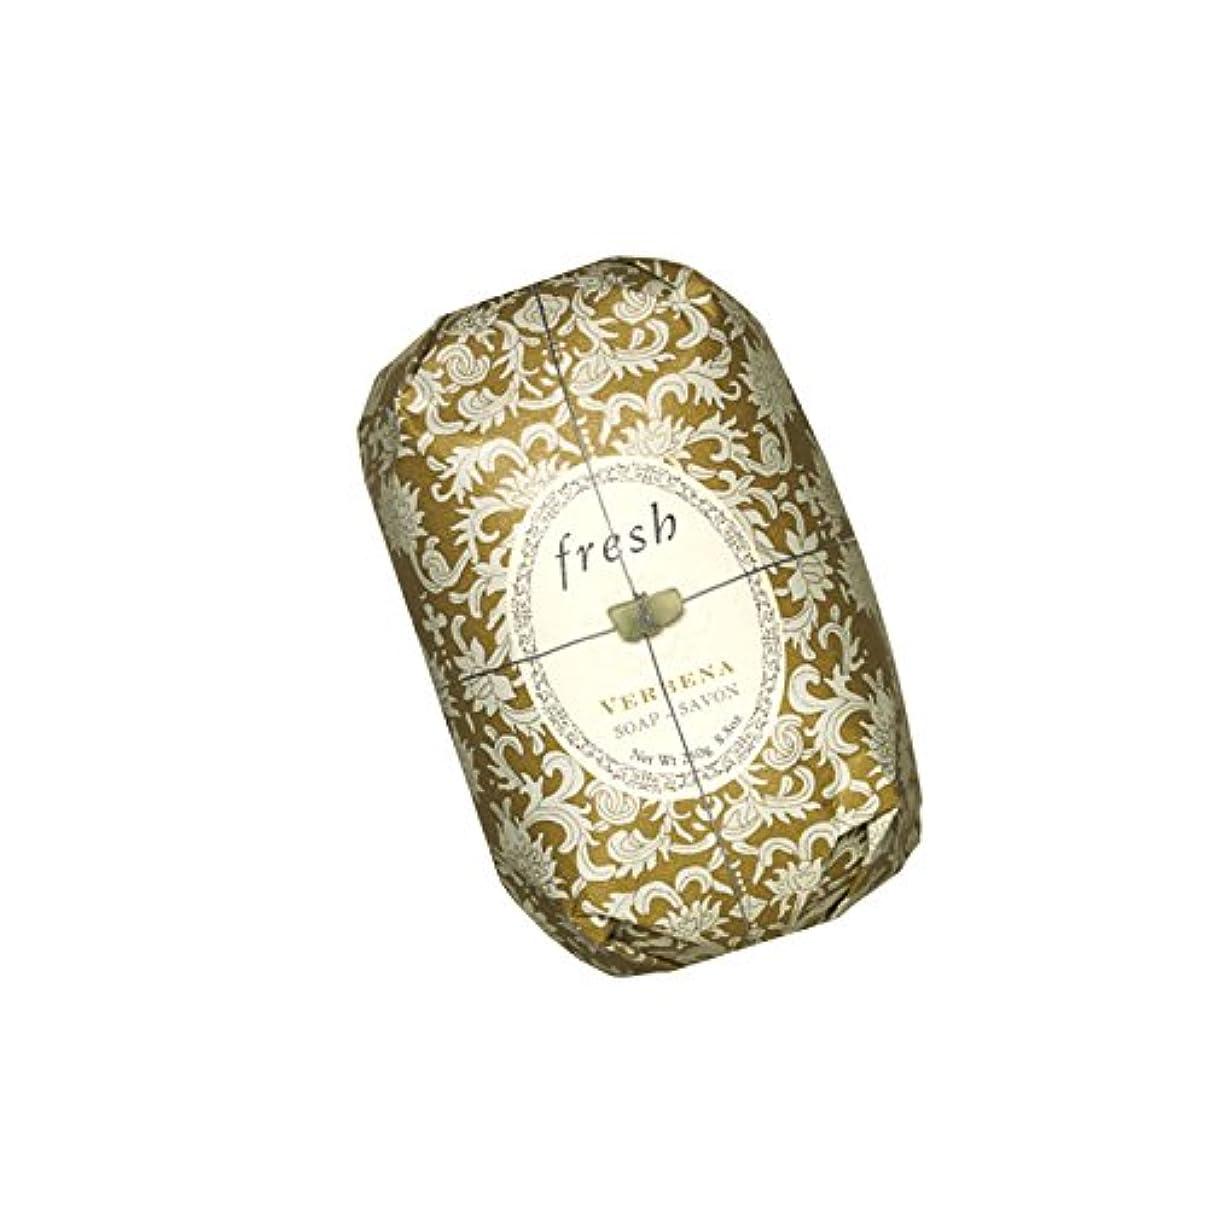 ハーフ適応的尊厳Fresh フレッシュ Verbena Soap 石鹸, 250g/8.8oz. [海外直送品] [並行輸入品]